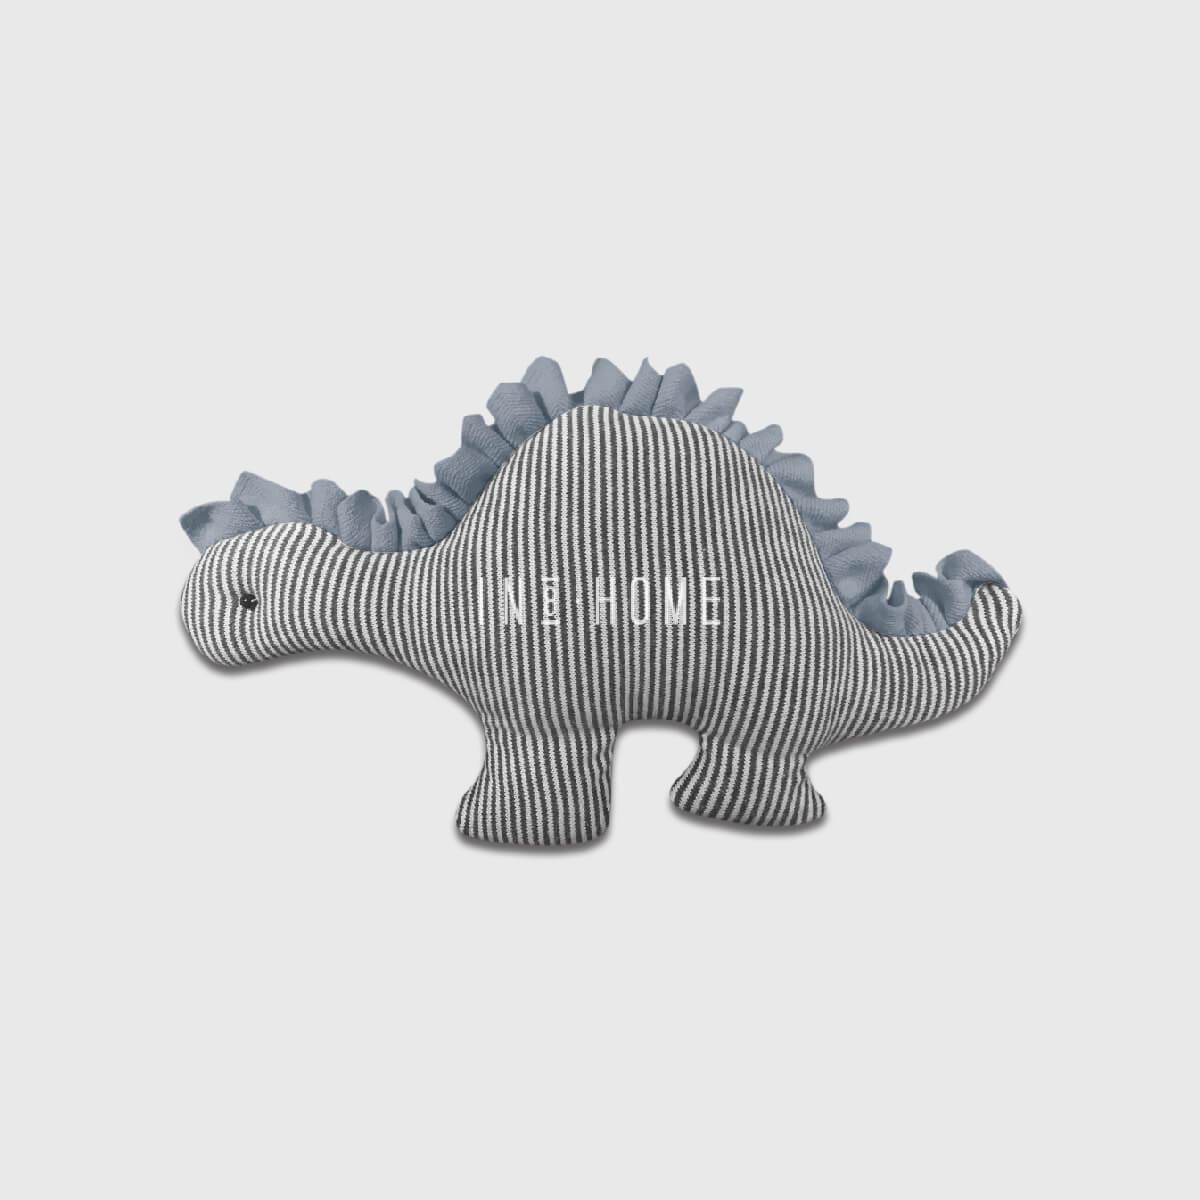 Almofada rex   Rian Tricot